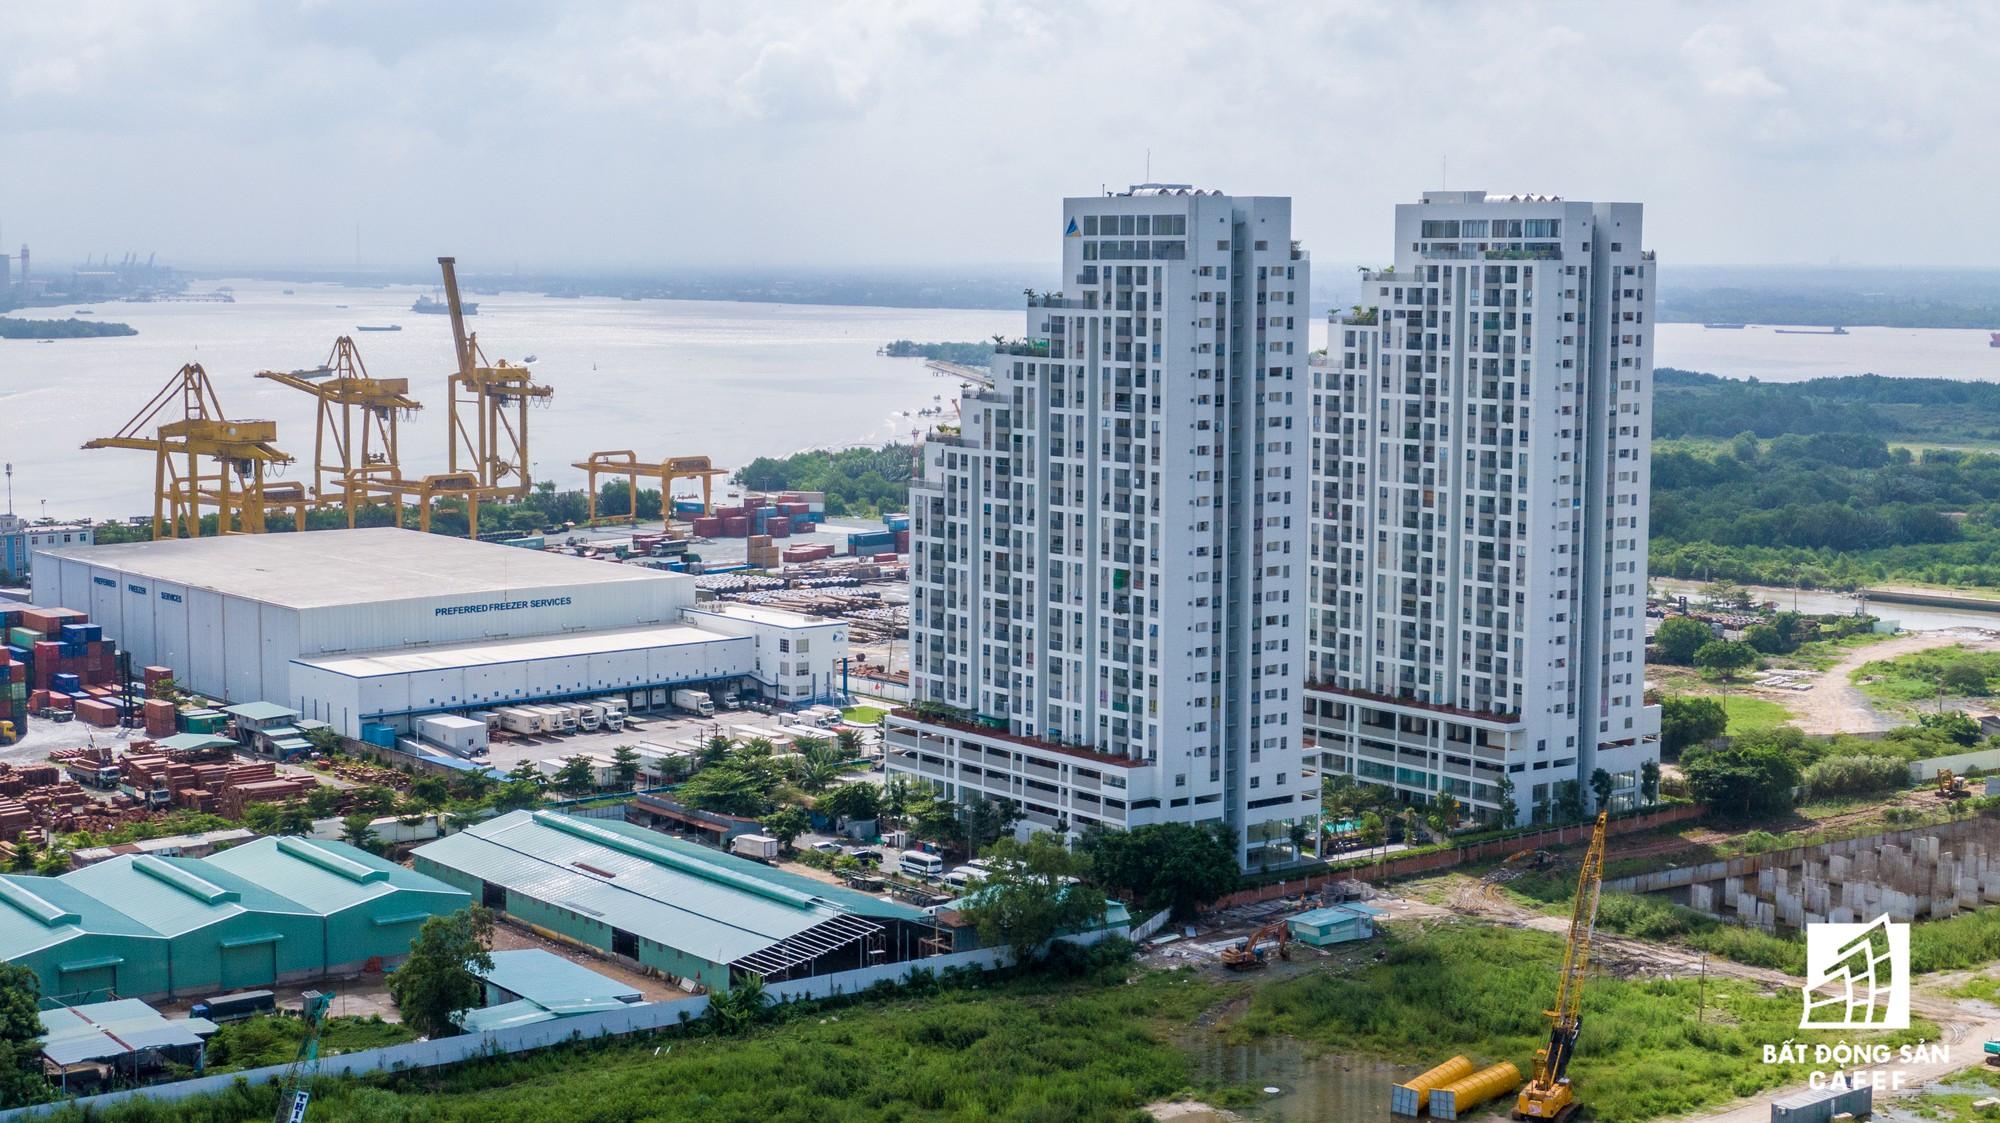 Diện mạo hai bờ sông Sài Gòn tương lai nhìn từ loạt siêu dự án tỷ đô, khu vực trung tâm giá nhà lên hơn 1 tỷ đồng/m2 - Ảnh 8. Diện mạo hai bờ sông Sài Gòn tương lai nhìn từ loạt siêu dự án tỷ đô, khu vực trung tâm giá nhà lên hơn 1 tỷ đồng/m2 Diện mạo hai bờ sông Sài Gòn tương lai nhìn từ loạt siêu dự án tỷ đô, khu vực trung tâm giá nhà lên hơn 1 tỷ đồng/m2 hinh 13 15682748647912049315070